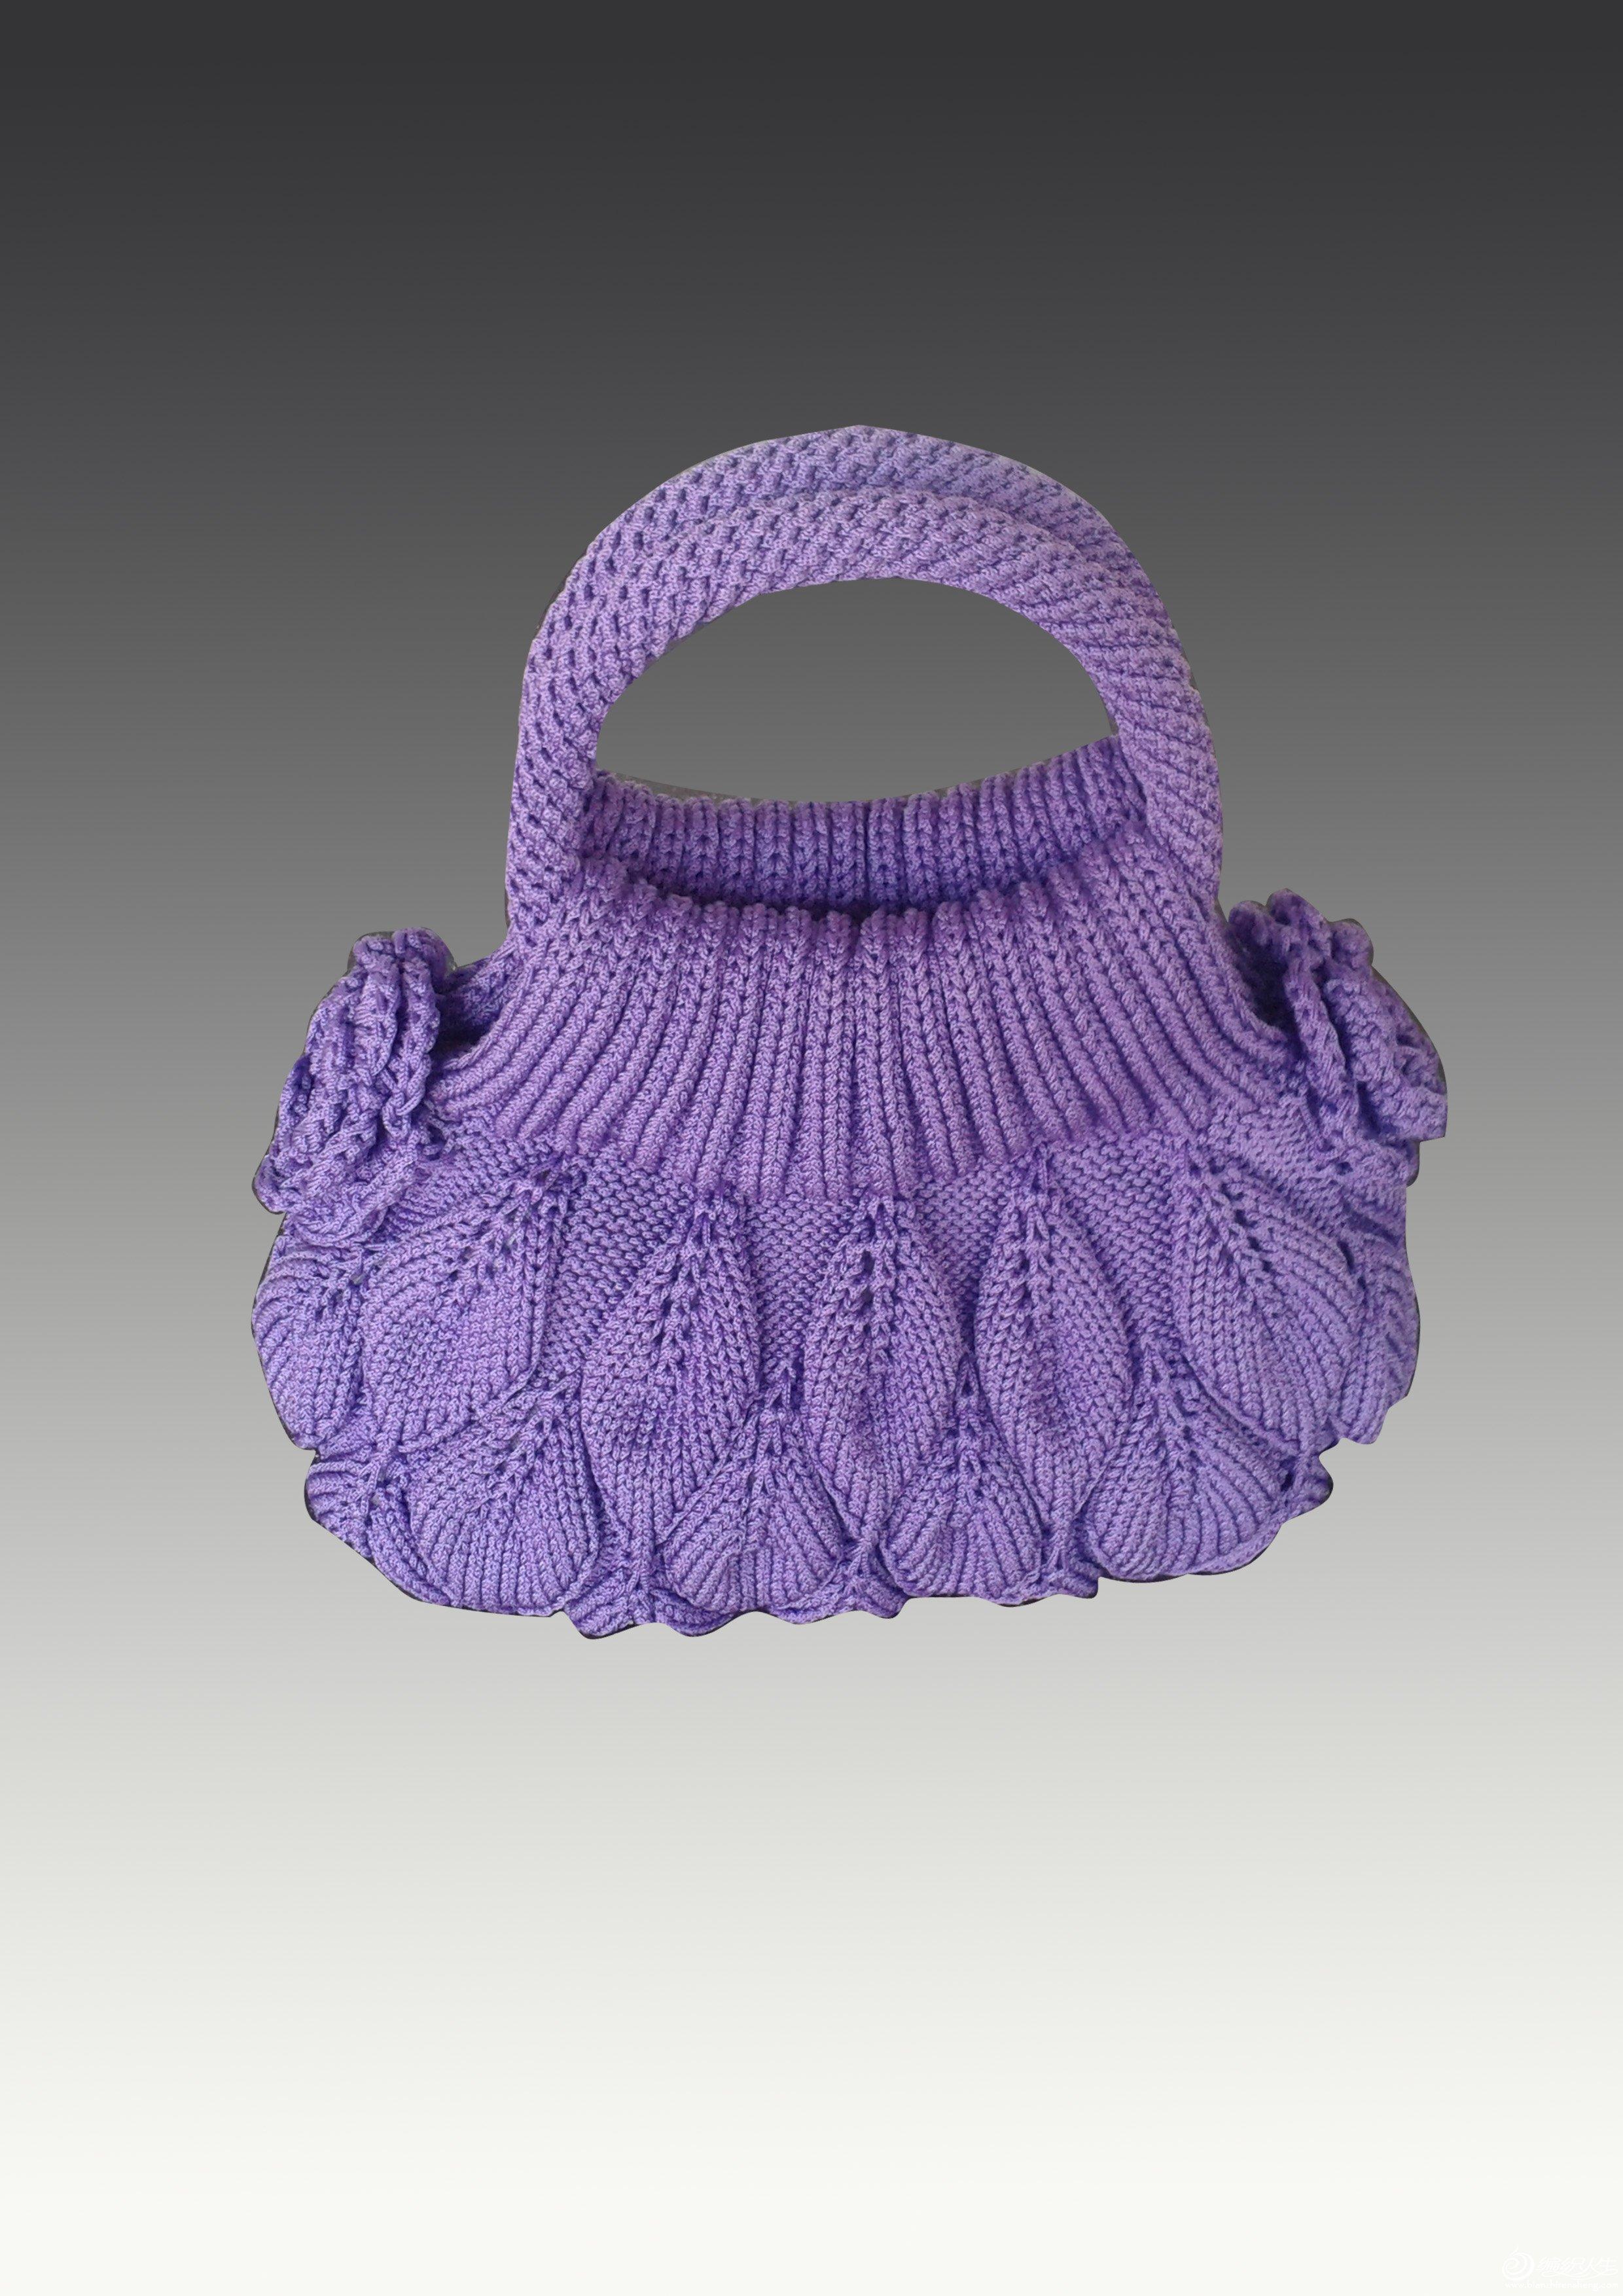 本帖最后由 宝贝飞翔 于 2010-4-27 16:42 编辑 前几天,看到坛里一个姐妹织了一款类似的衣衣,很喜欢,但她的图解我是看不懂的,于是我按我个人的理解,用我喜欢的紫罗兰色编织了这款裙式衣。衣衣可以穿几个季节的,甚至可以囊括四季哟,既是裙又是衣,不仅仅是美观,实用性也超强的,喜欢的姐妹别忘了支持一下评个分,鼓励一下我,我好继续为大家服务哟。 。 编织说明来了: 镂空花样说明: 第一层:正20,加1针 正四针 二并一 正四针 二并一 正四针 加一针 正20针,(中间的16针为镂空花形,如果要加针,可